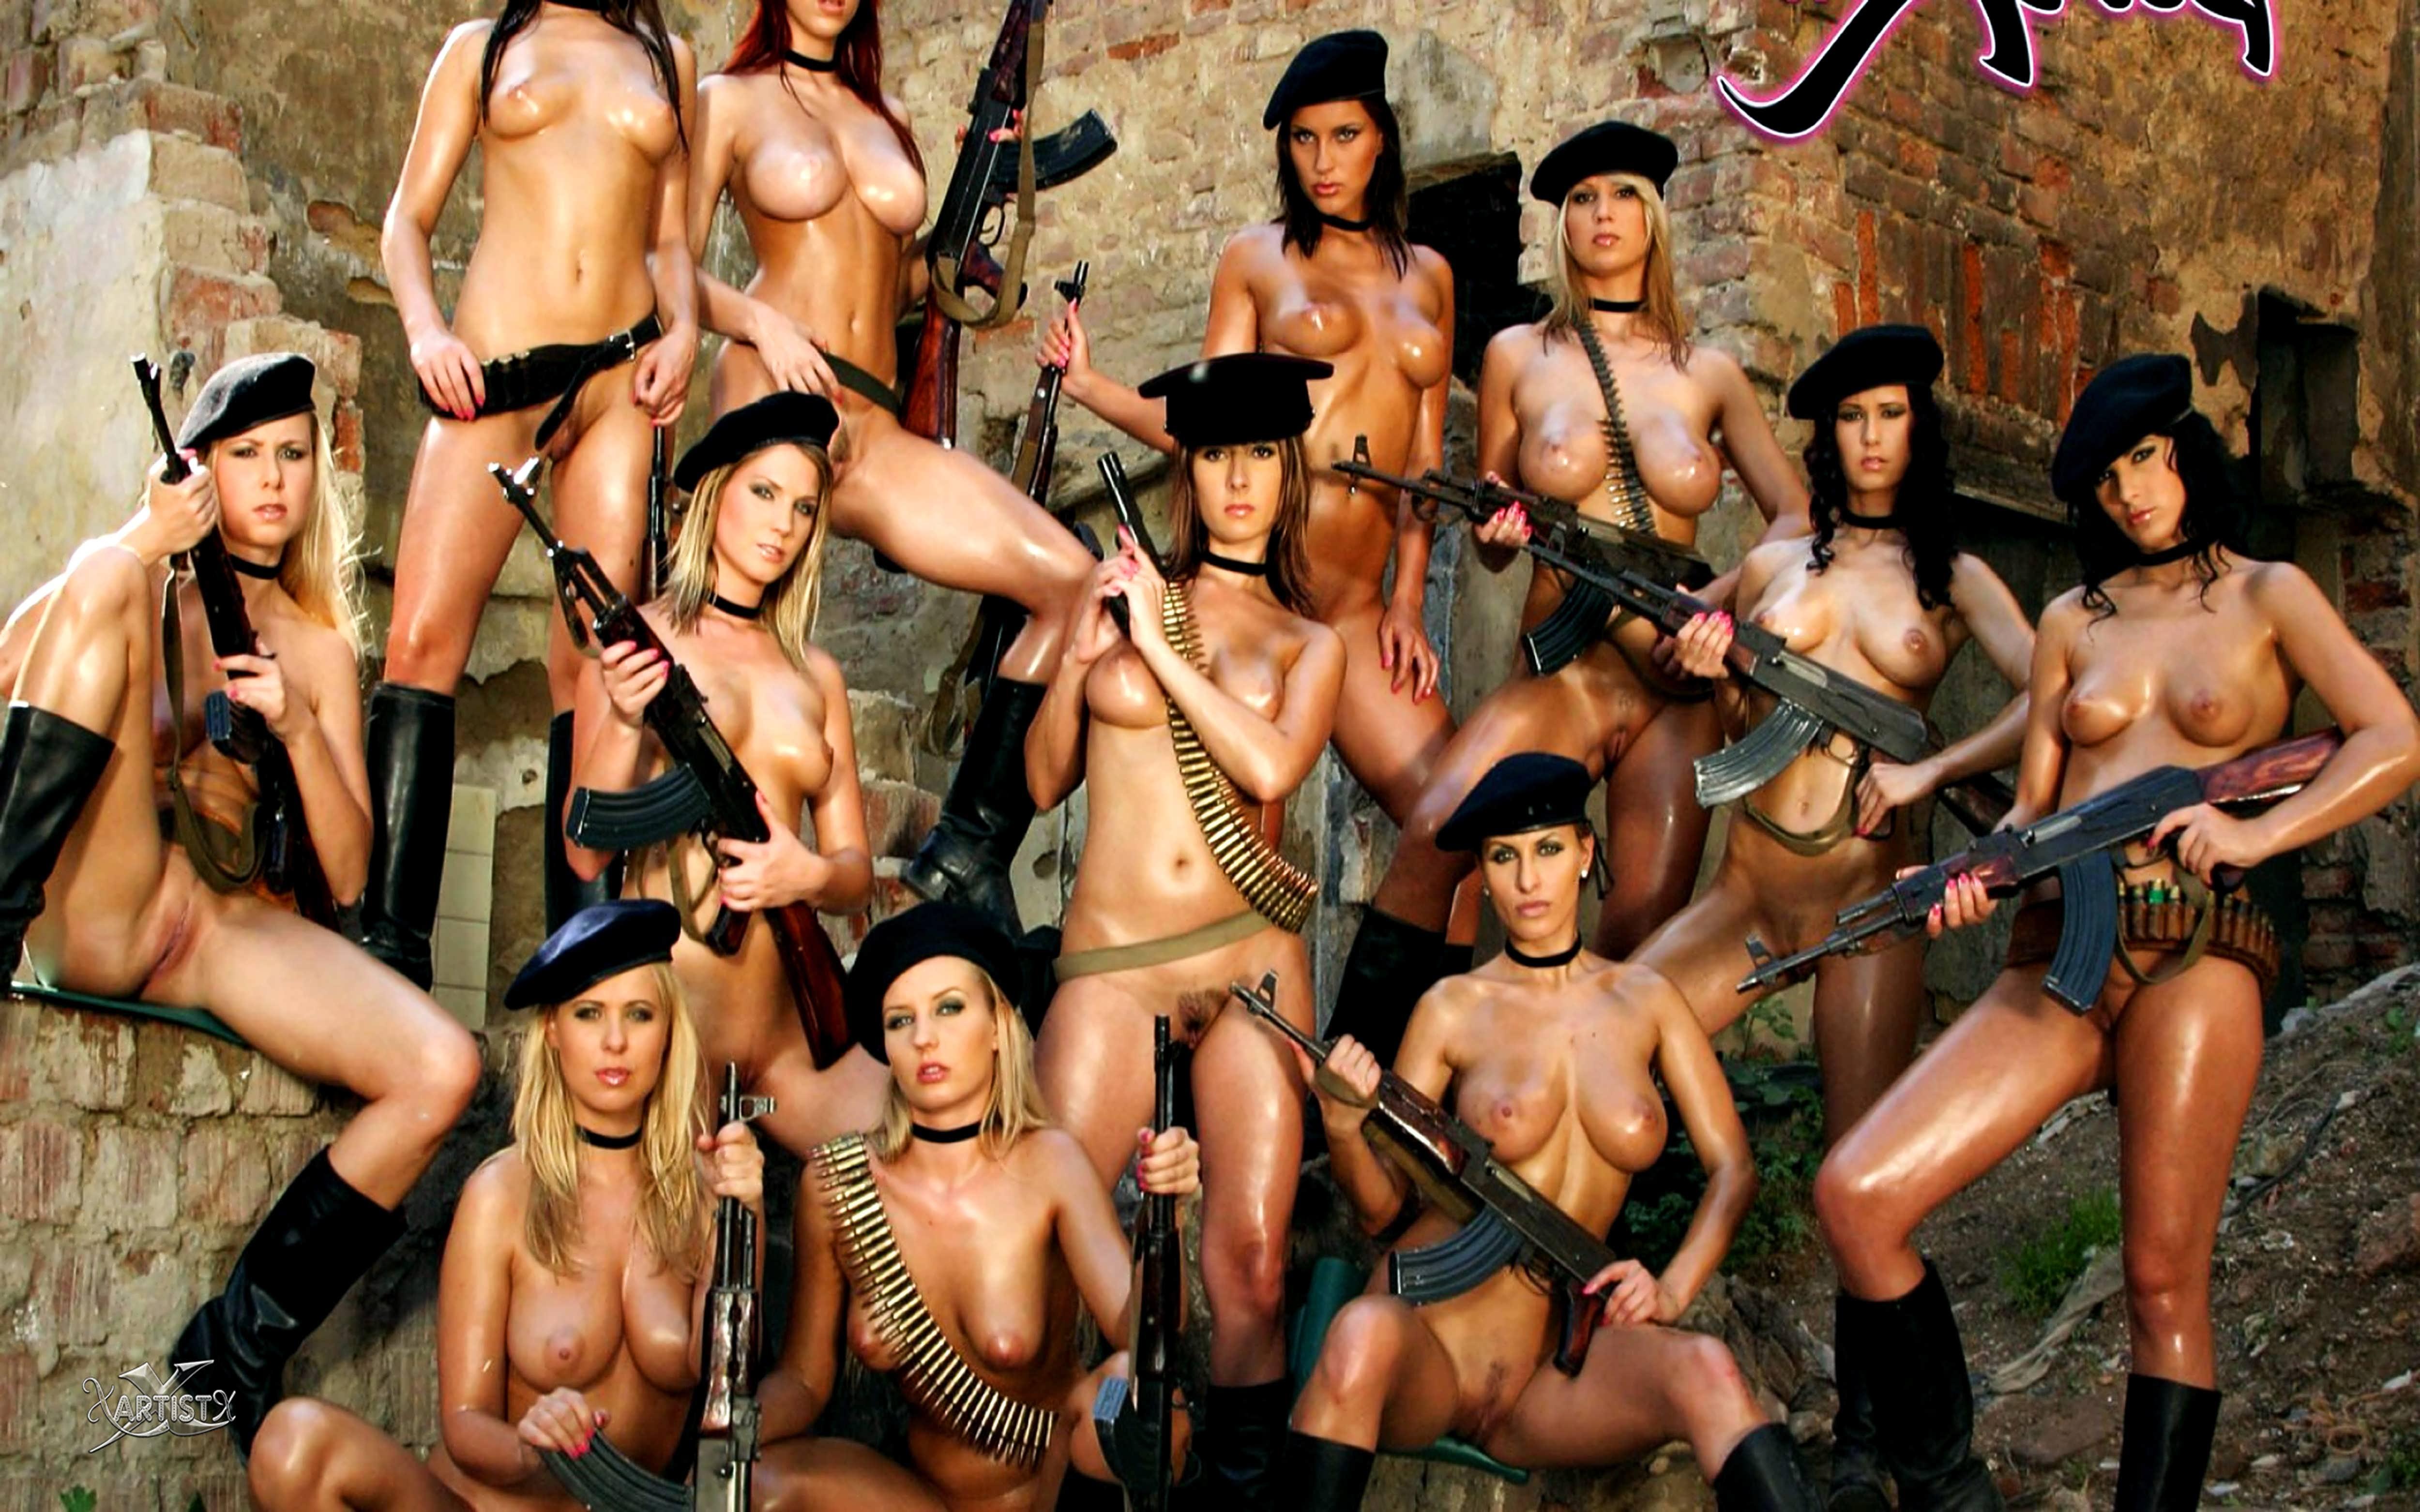 ❶23 февраля порно видео|Смс поздравления 23 февраля прикольные|Видео порно пенелопа пайпер - geoffreyriddle.com|2beeg Online Porn Video Tube|}